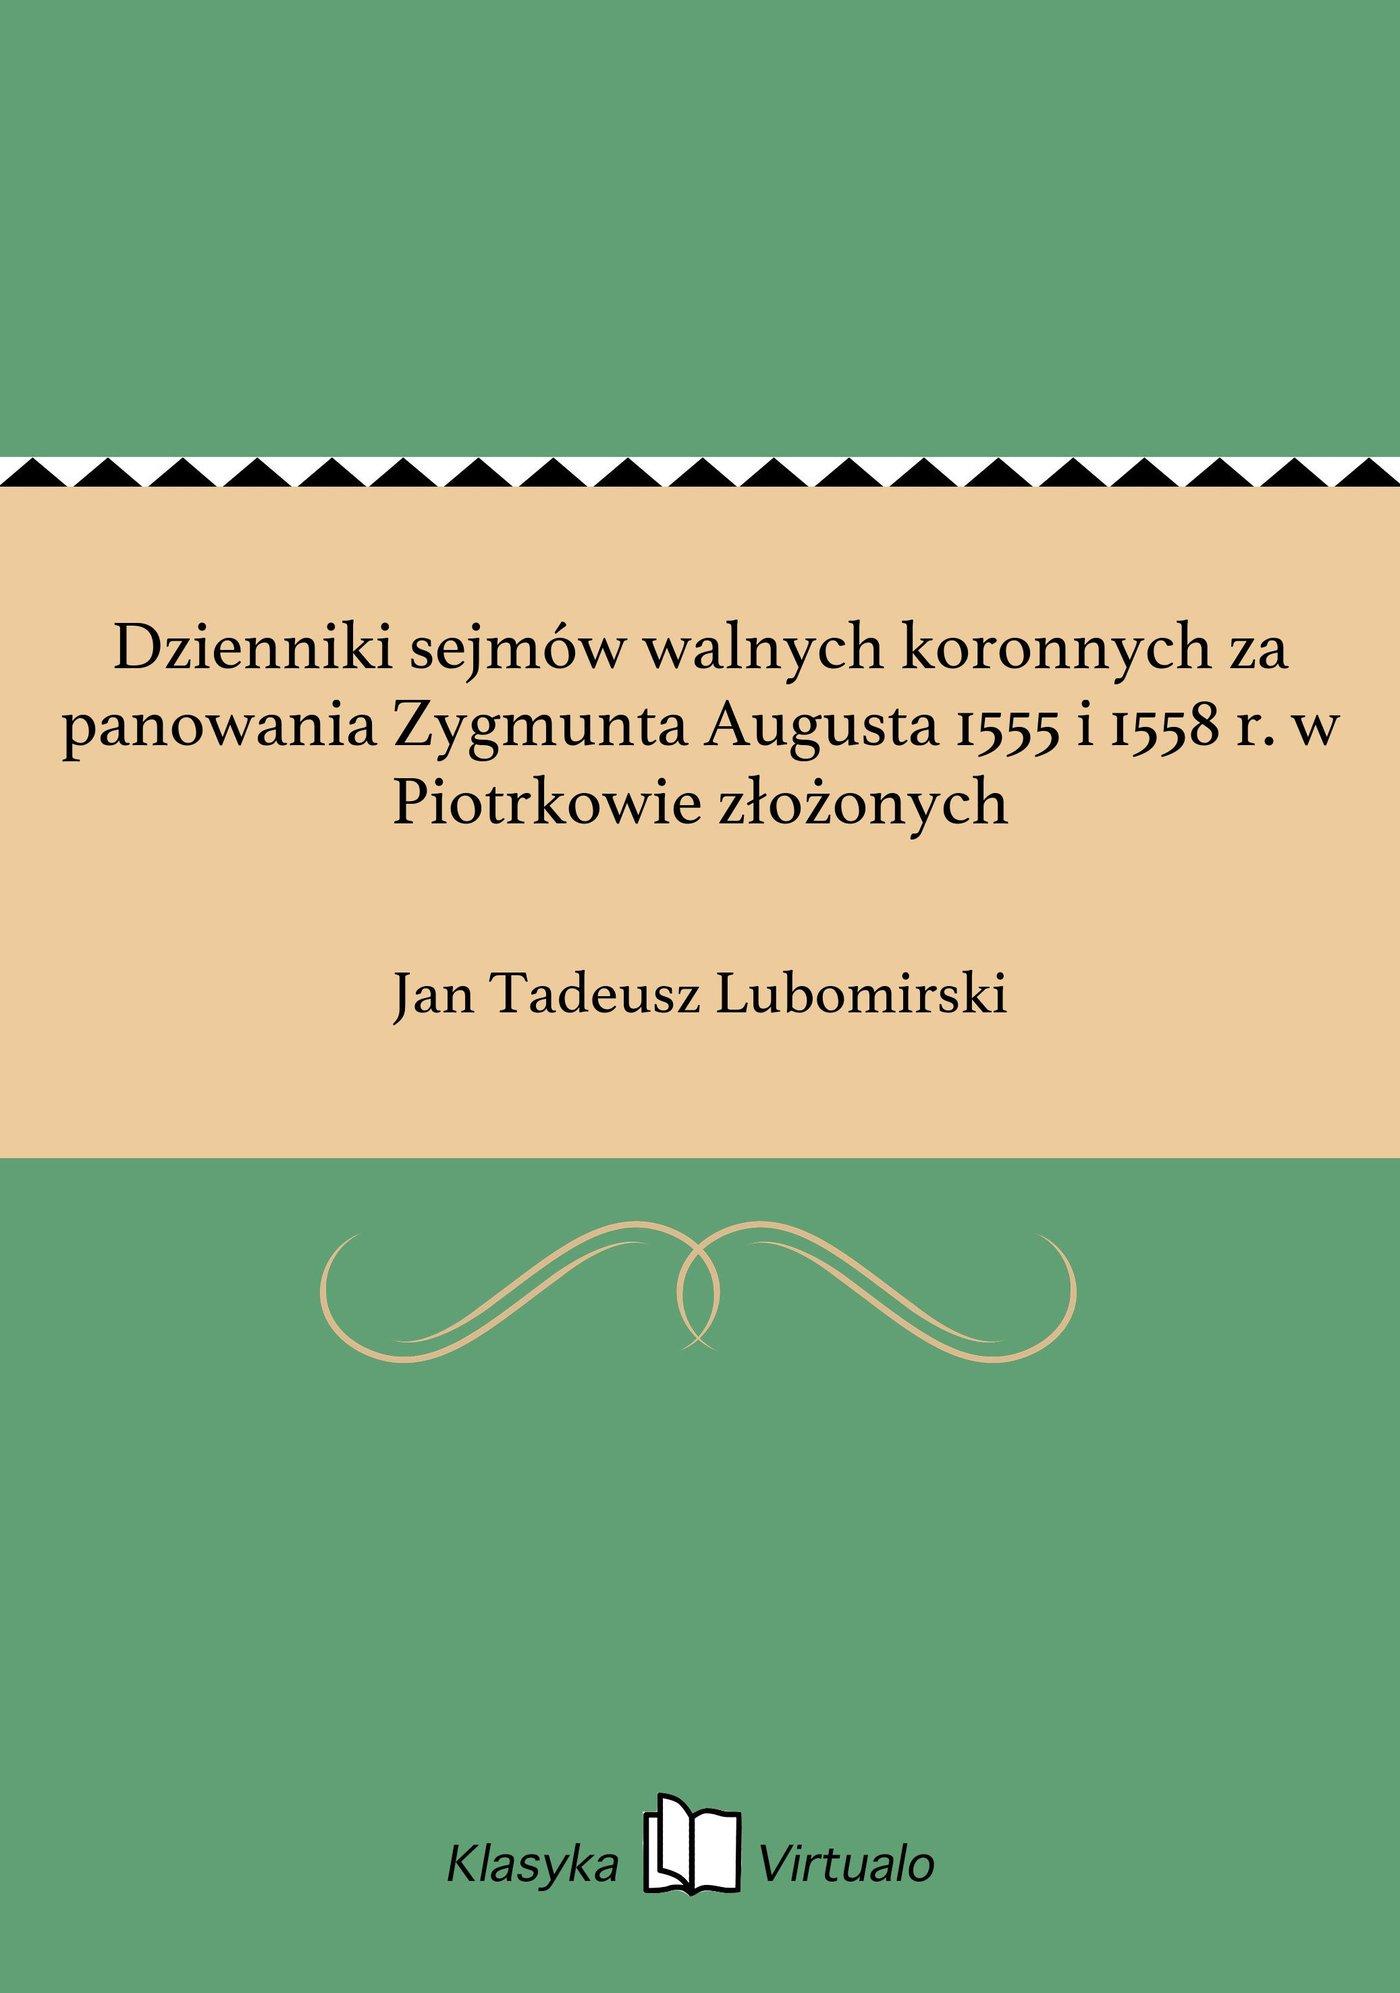 Dzienniki sejmów walnych koronnych za panowania Zygmunta Augusta 1555 i 1558 r. w Piotrkowie złożonych - Ebook (Książka EPUB) do pobrania w formacie EPUB